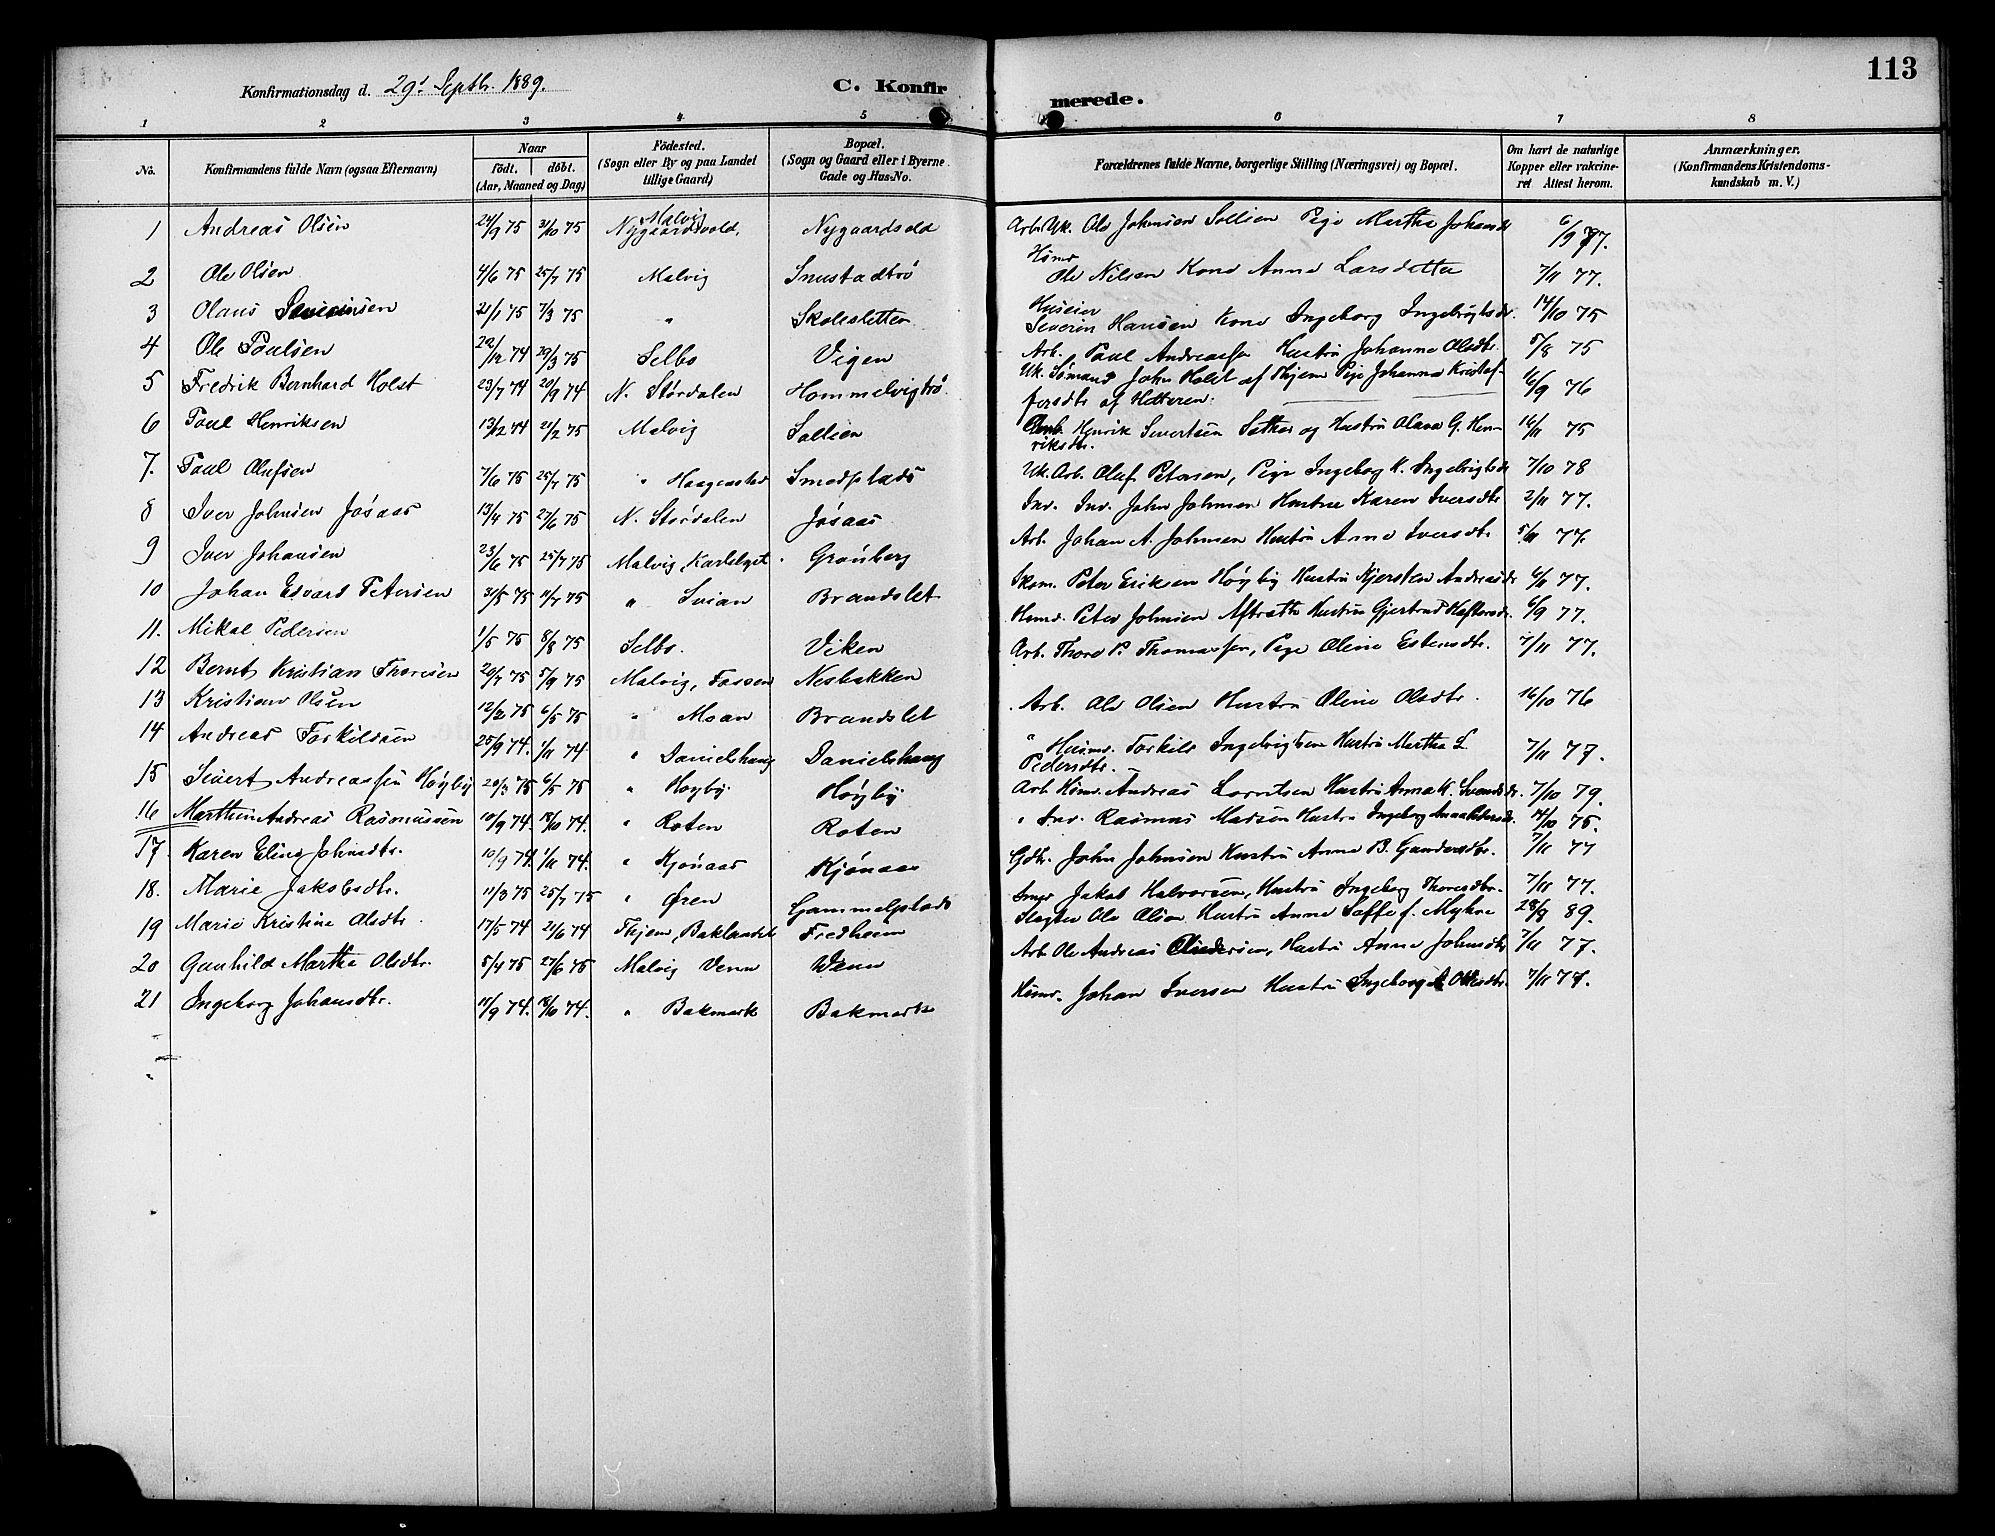 SAT, Ministerialprotokoller, klokkerbøker og fødselsregistre - Sør-Trøndelag, 617/L0431: Klokkerbok nr. 617C01, 1889-1910, s. 113